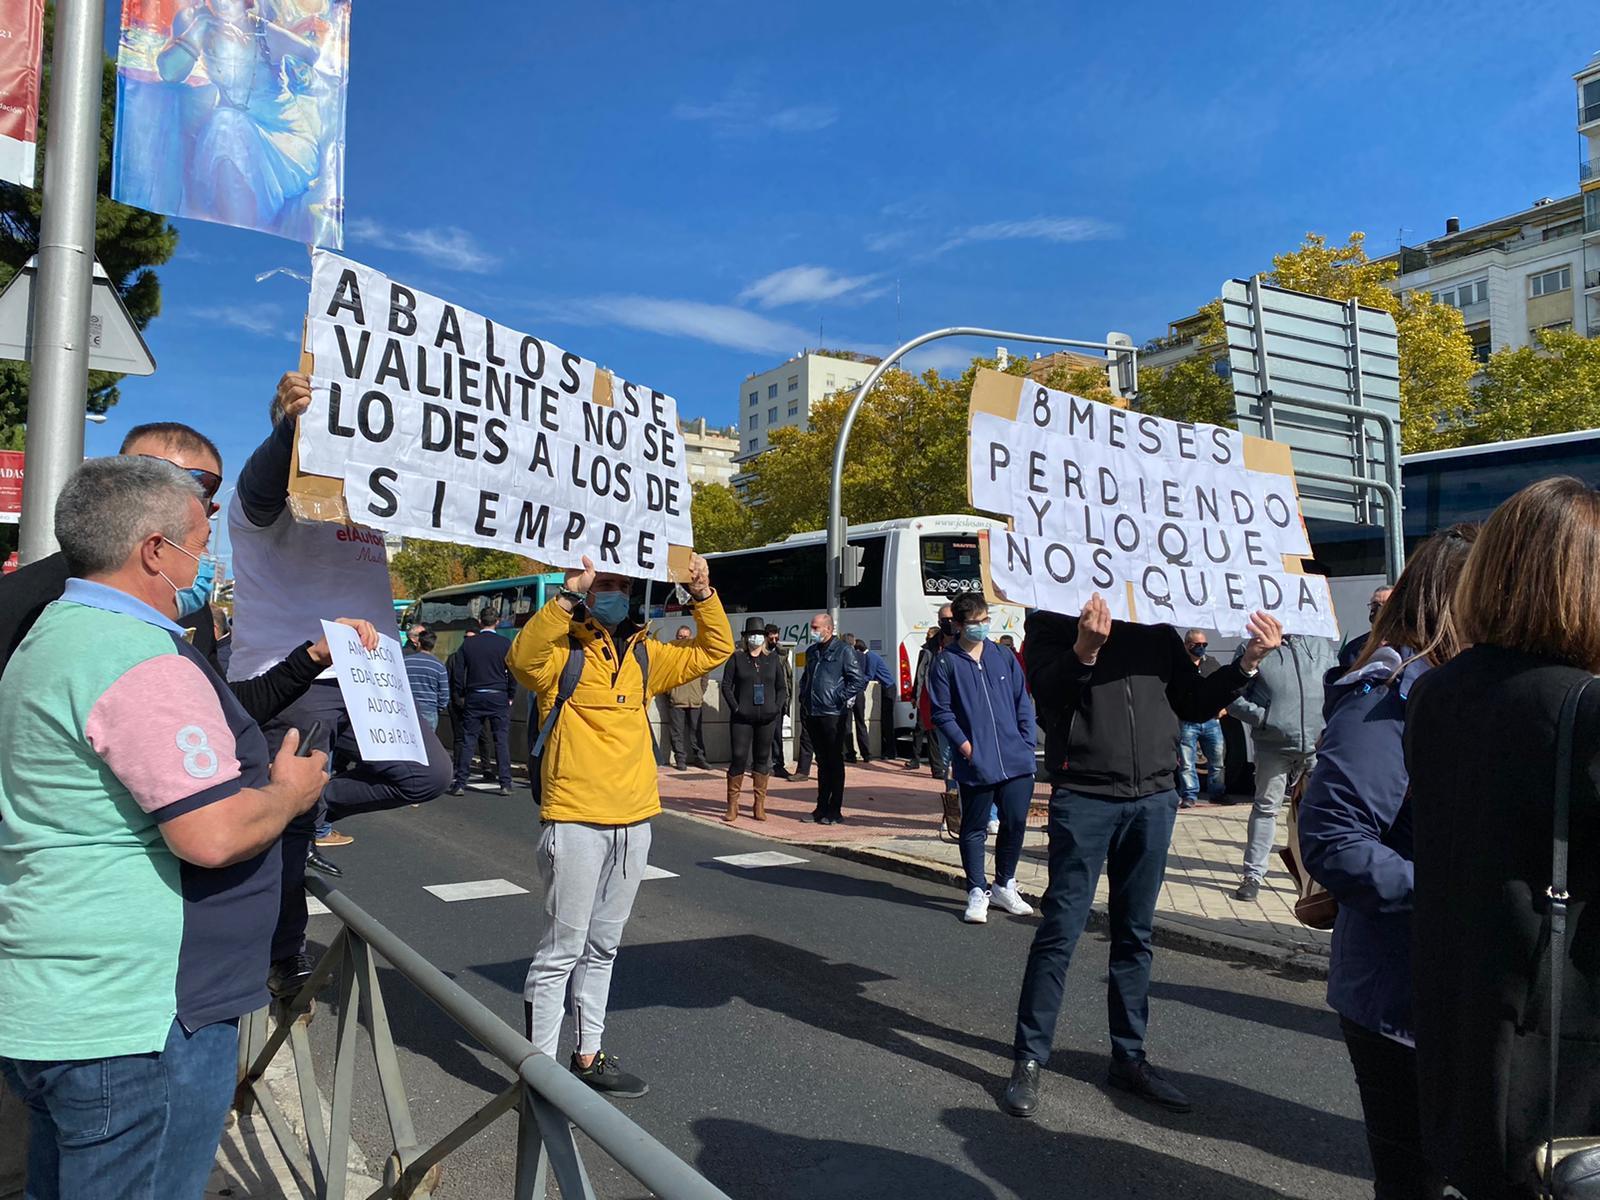 balos-protesta-autobuseros.jpg